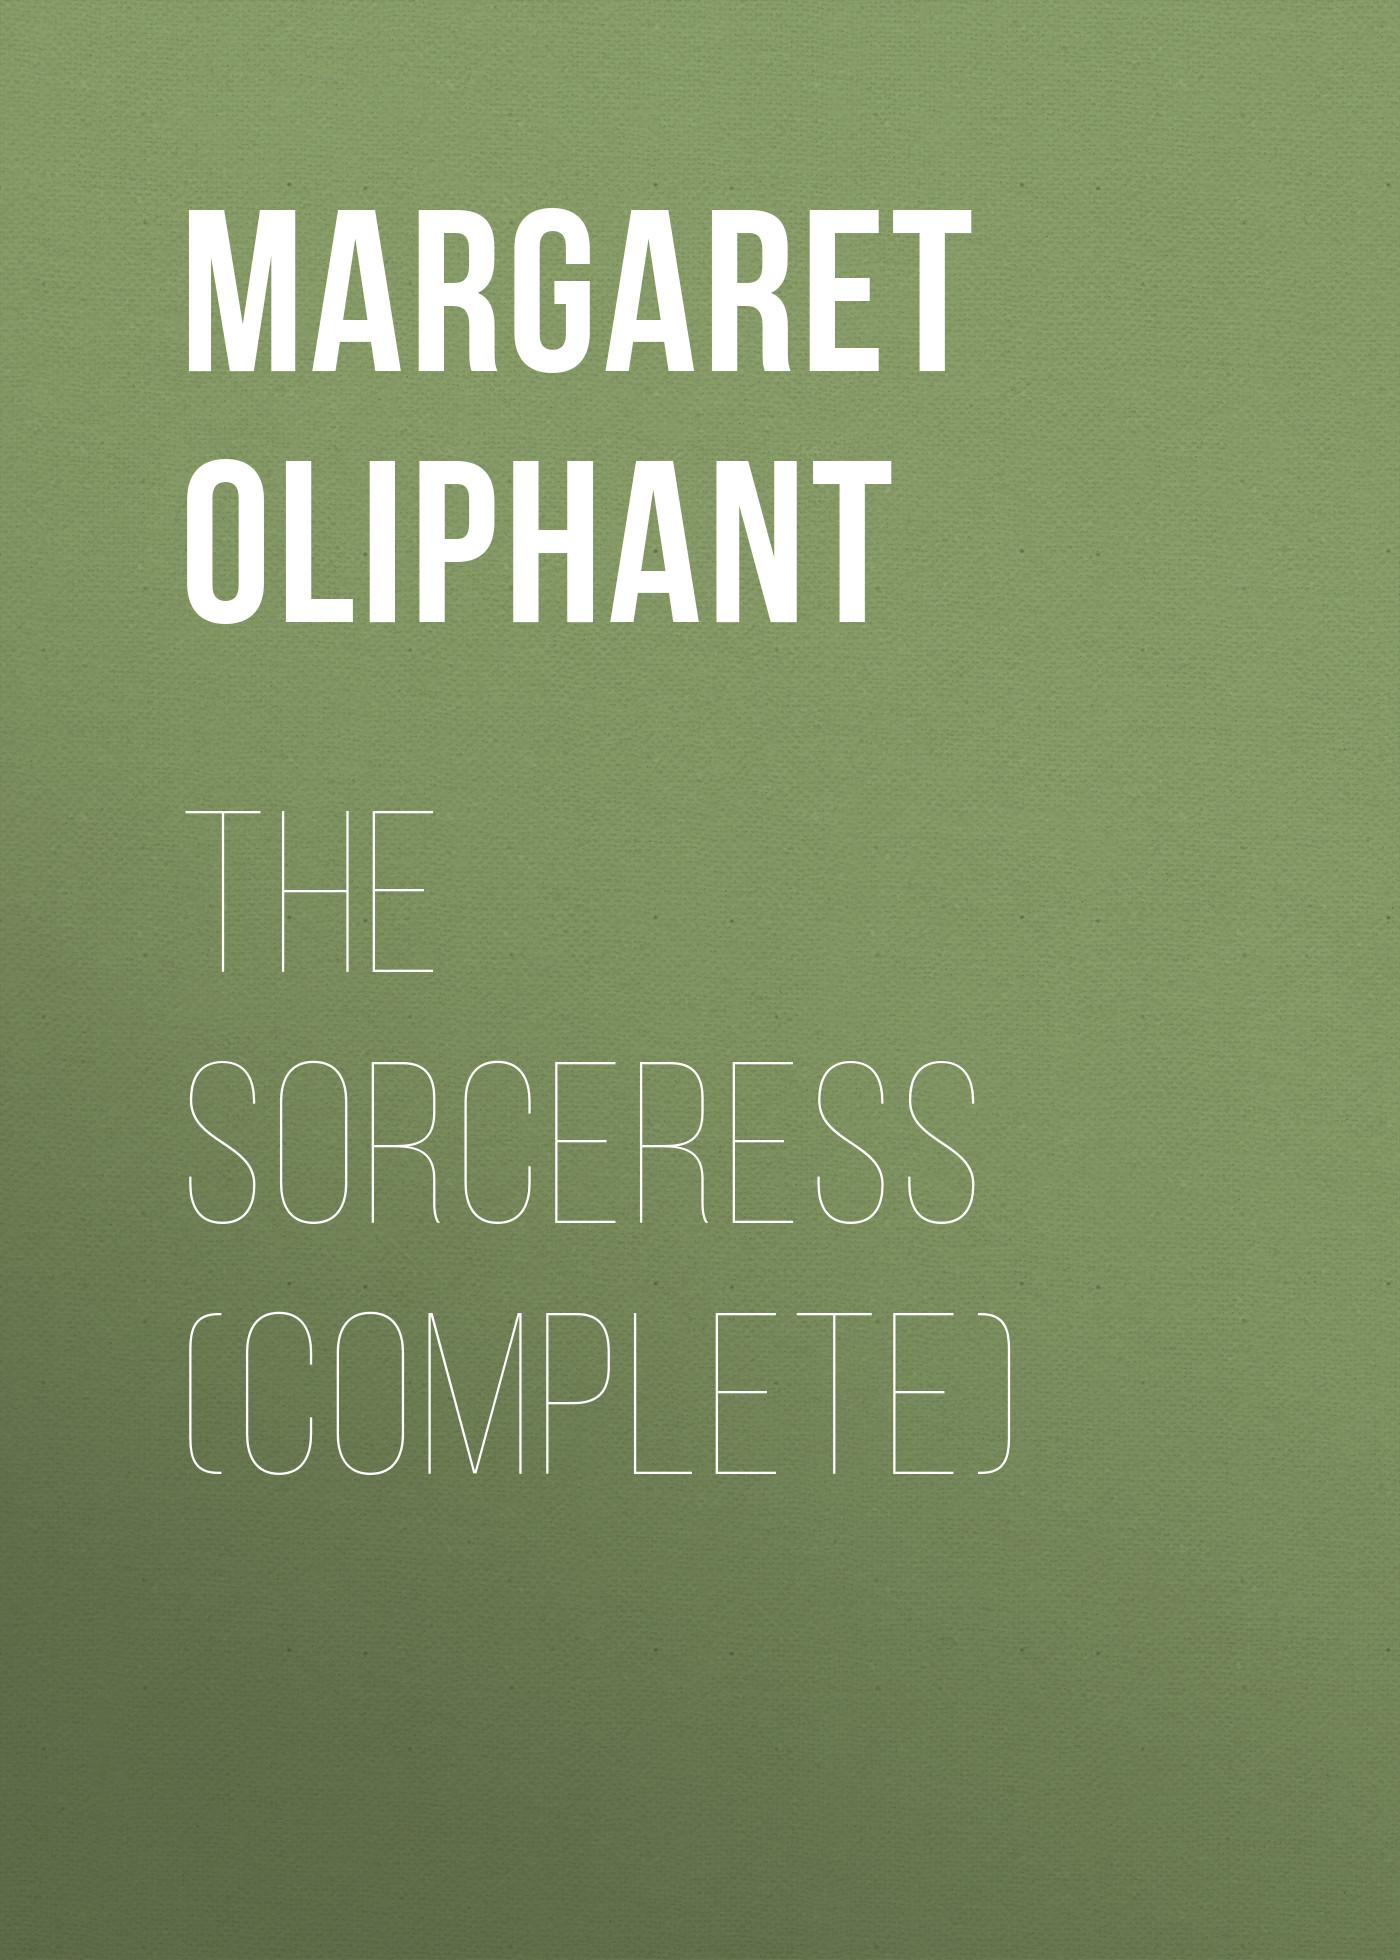 Маргарет Олифант The Sorceress (complete) маргарет олифант the sorceress volume 2 of 3